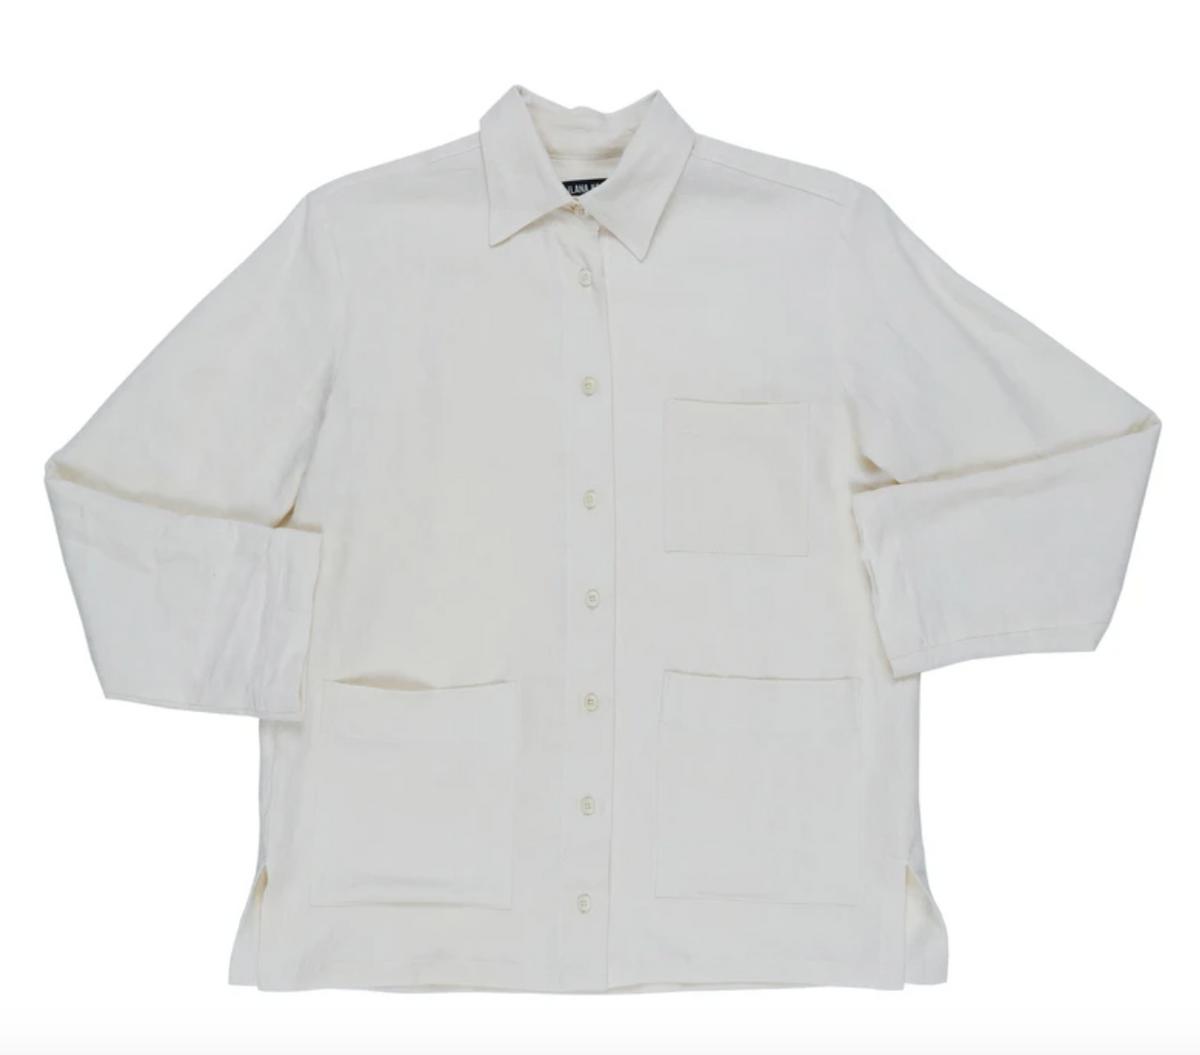 Melvin Shirt